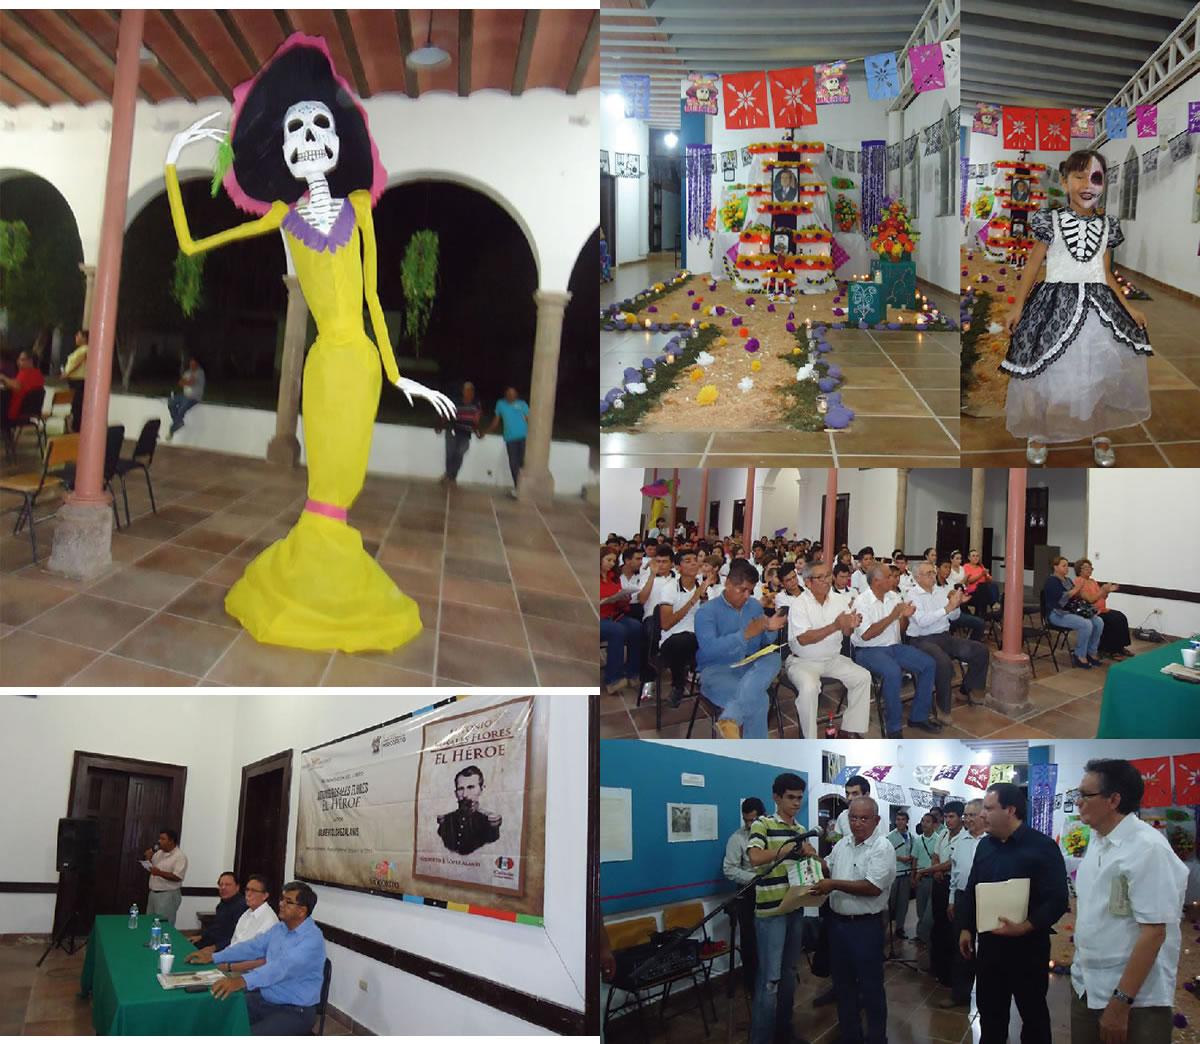 """Pericos de fiesta cultural en el centro de desarrollo cultural """"casa peiro"""" y museo de historia de Pericos"""